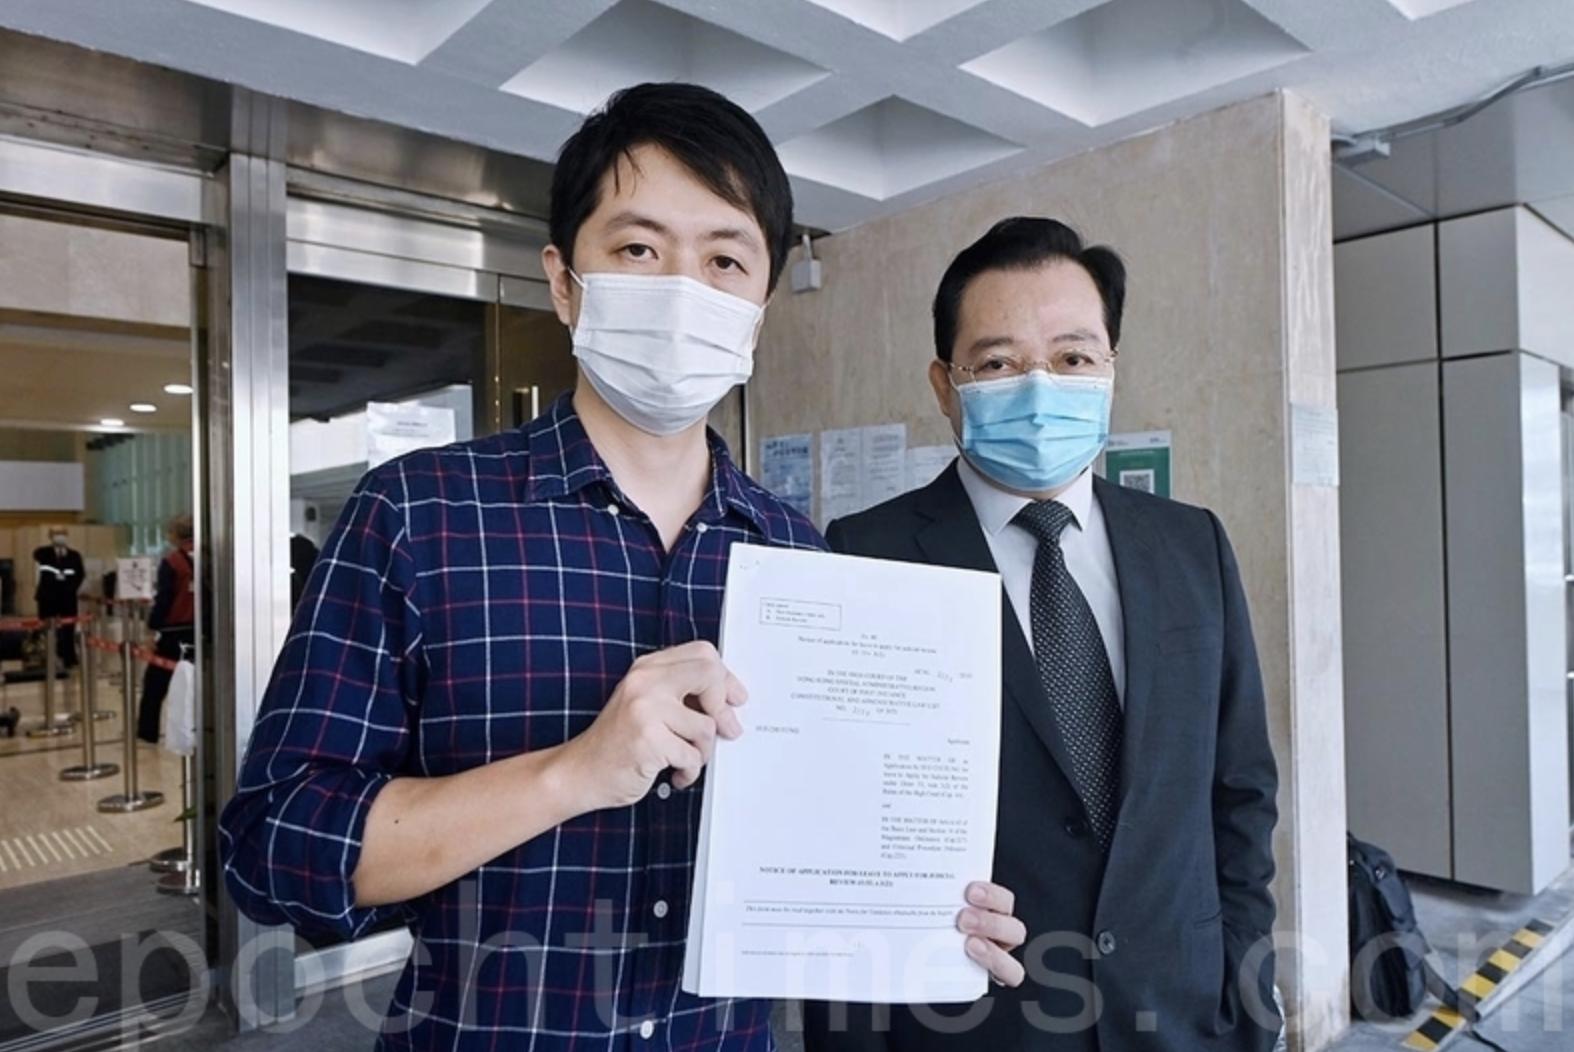 許智峯(左)宣佈退黨流亡海外 (大紀元資料圖片)